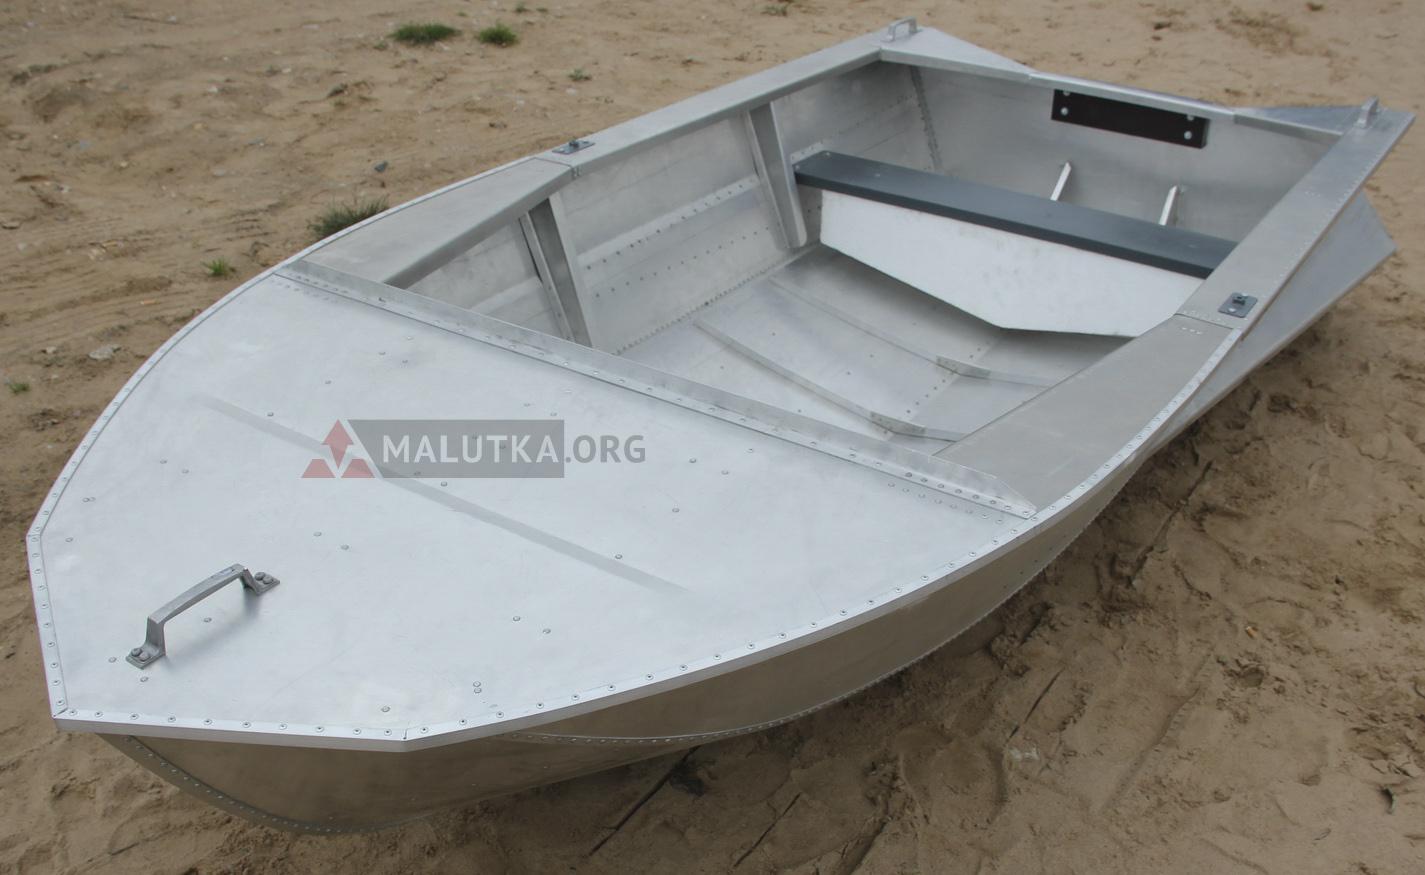 производитель лодок мста-н